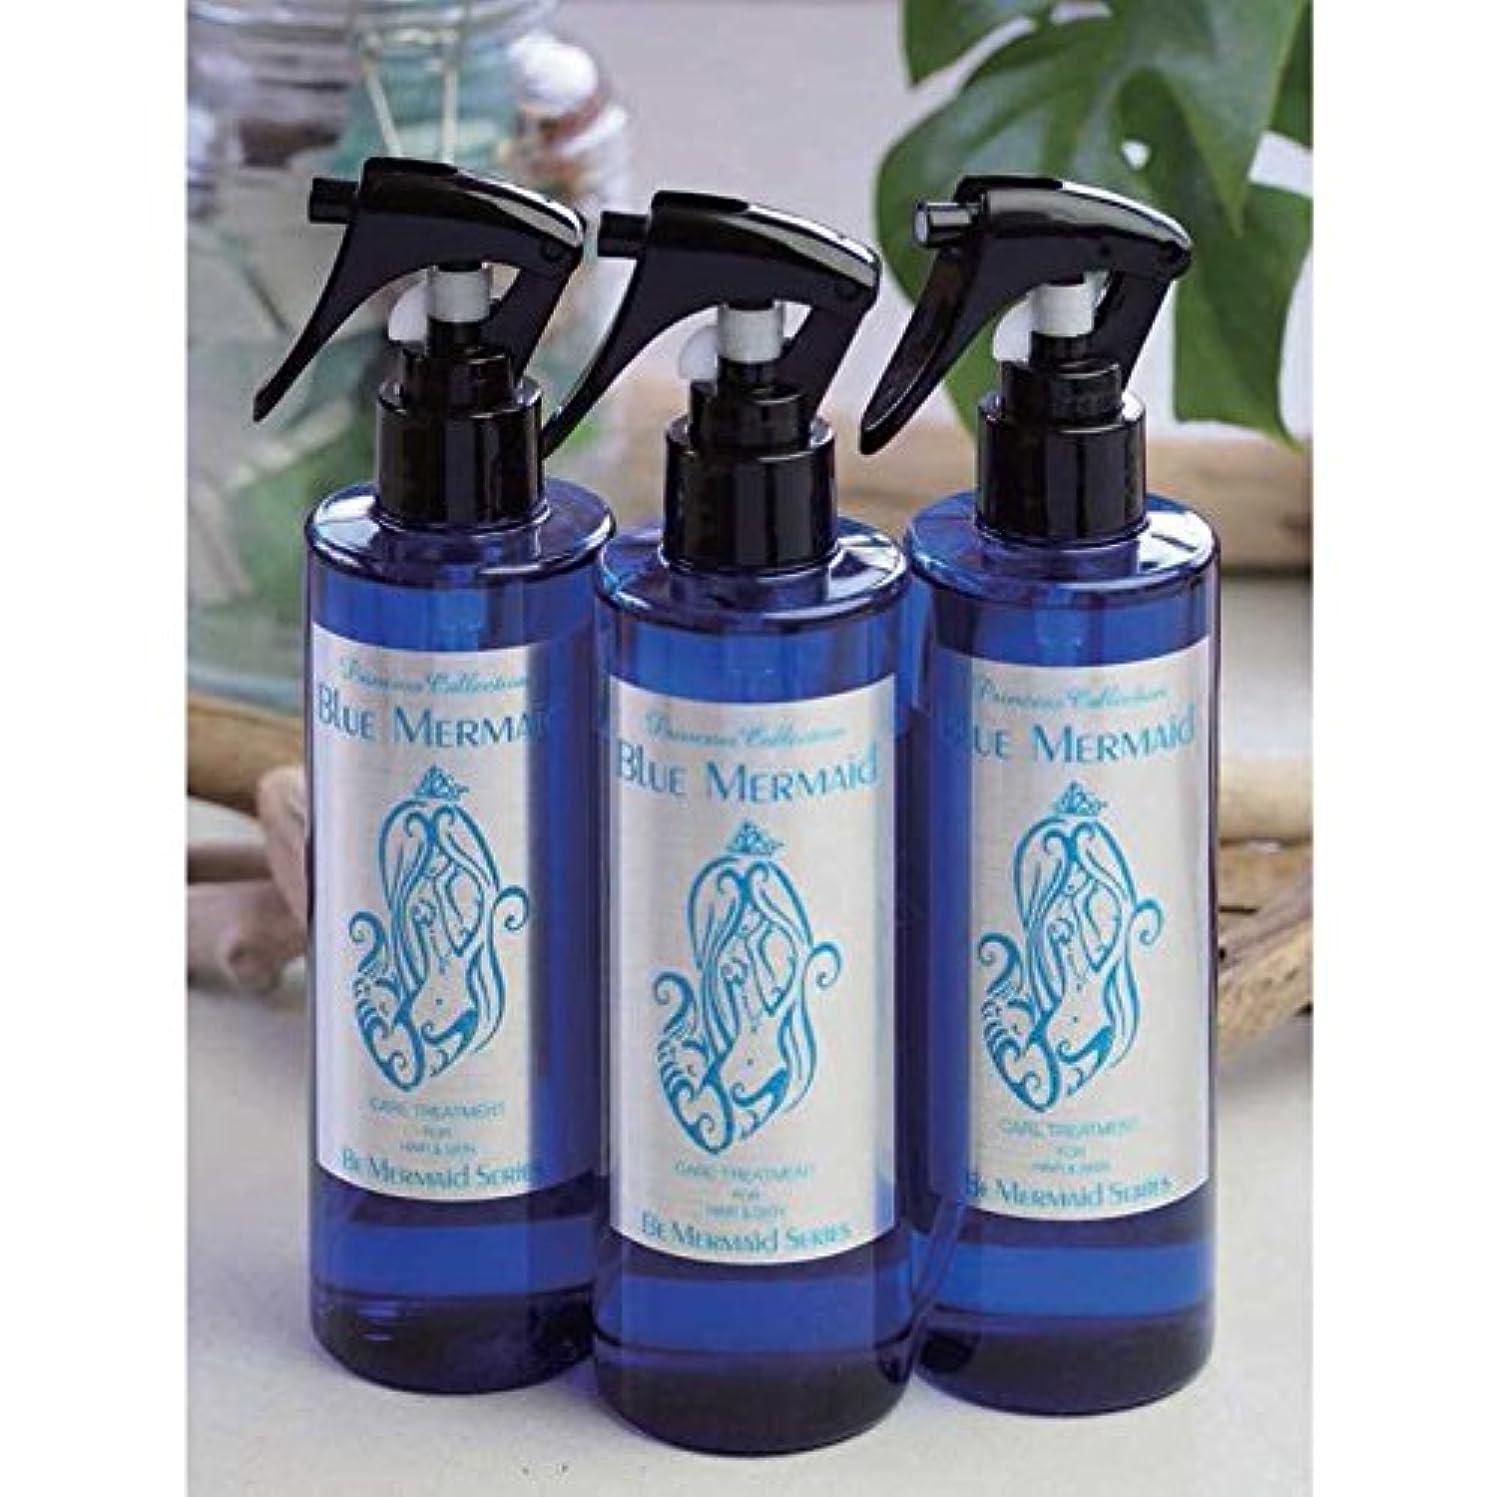 レーザヨーロッパ渇きCARE TREATMENT Blue Mermaid ブルー?マーメイド 保湿化粧水